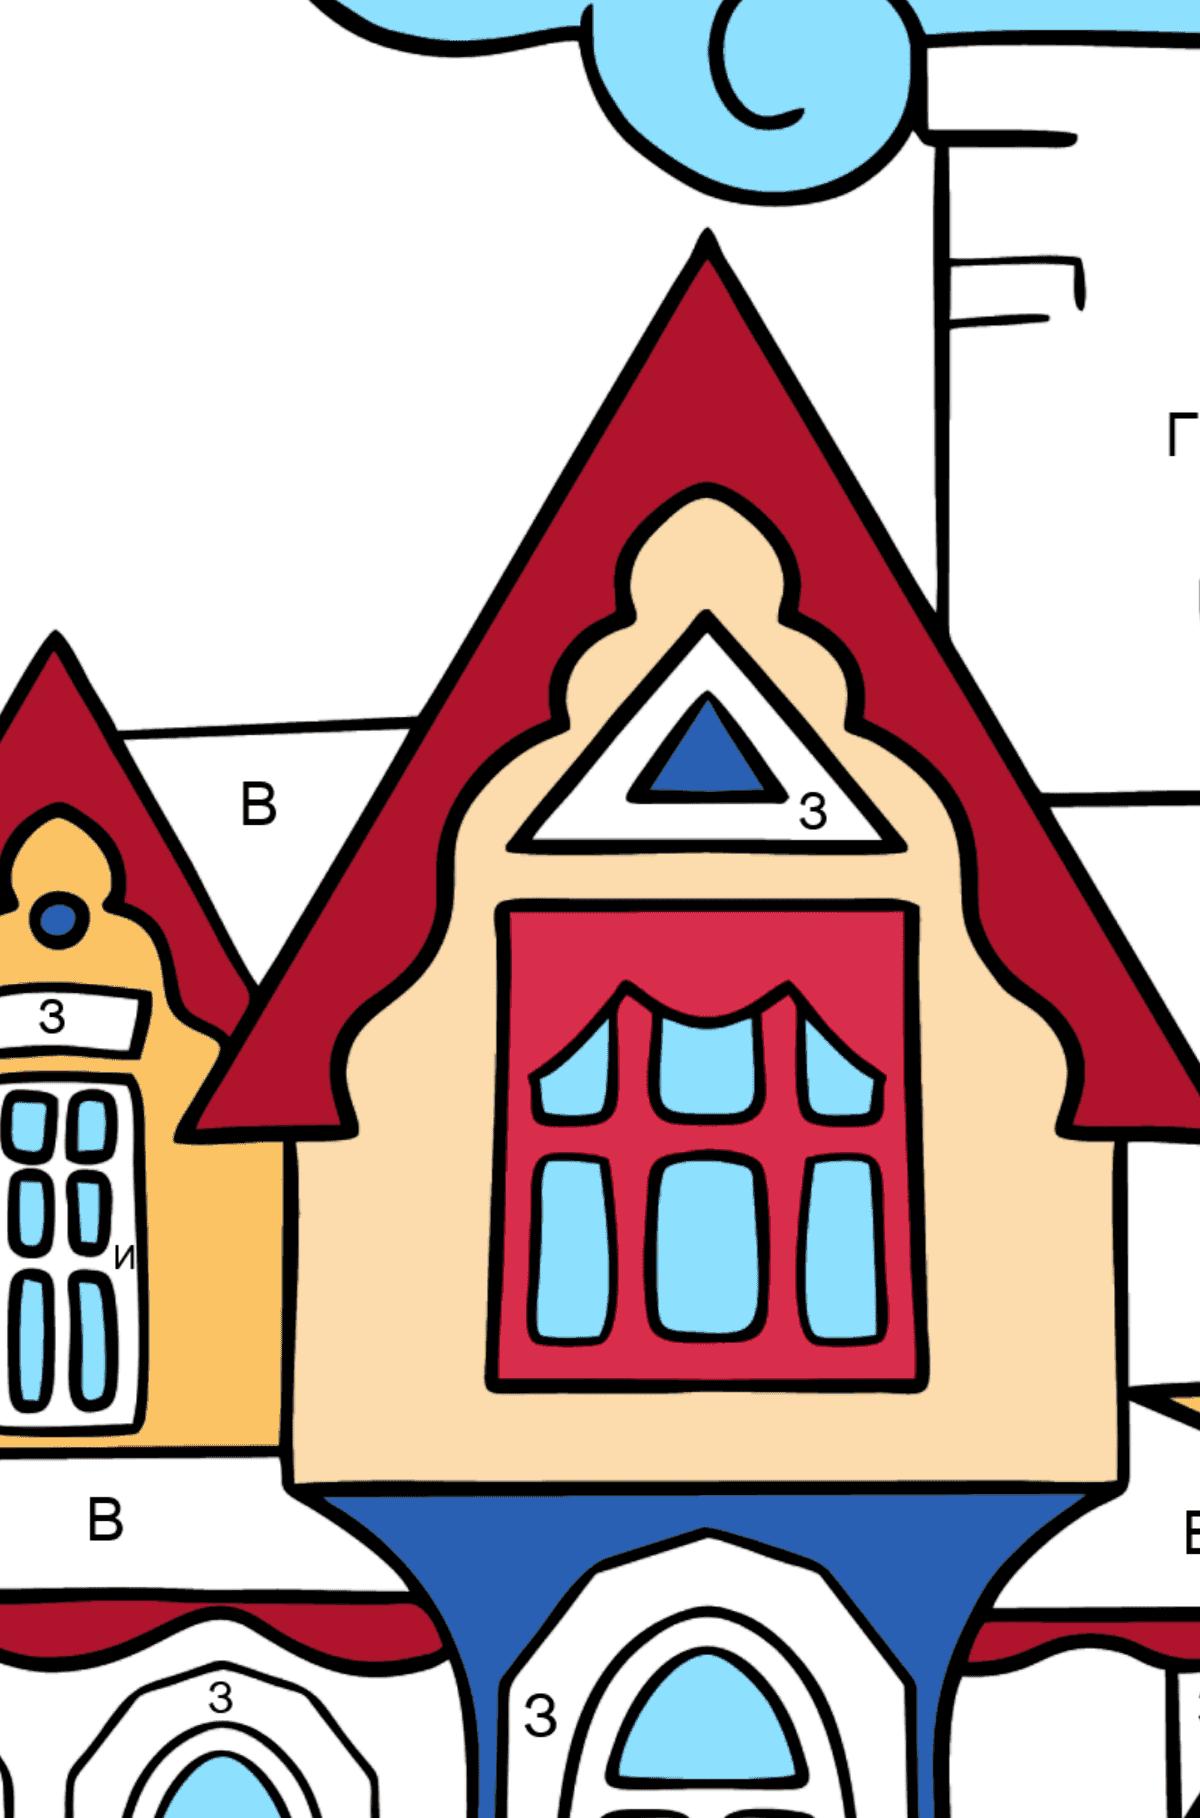 Сложная раскраска домик чудесный - Раскраска по Буквам для Детей